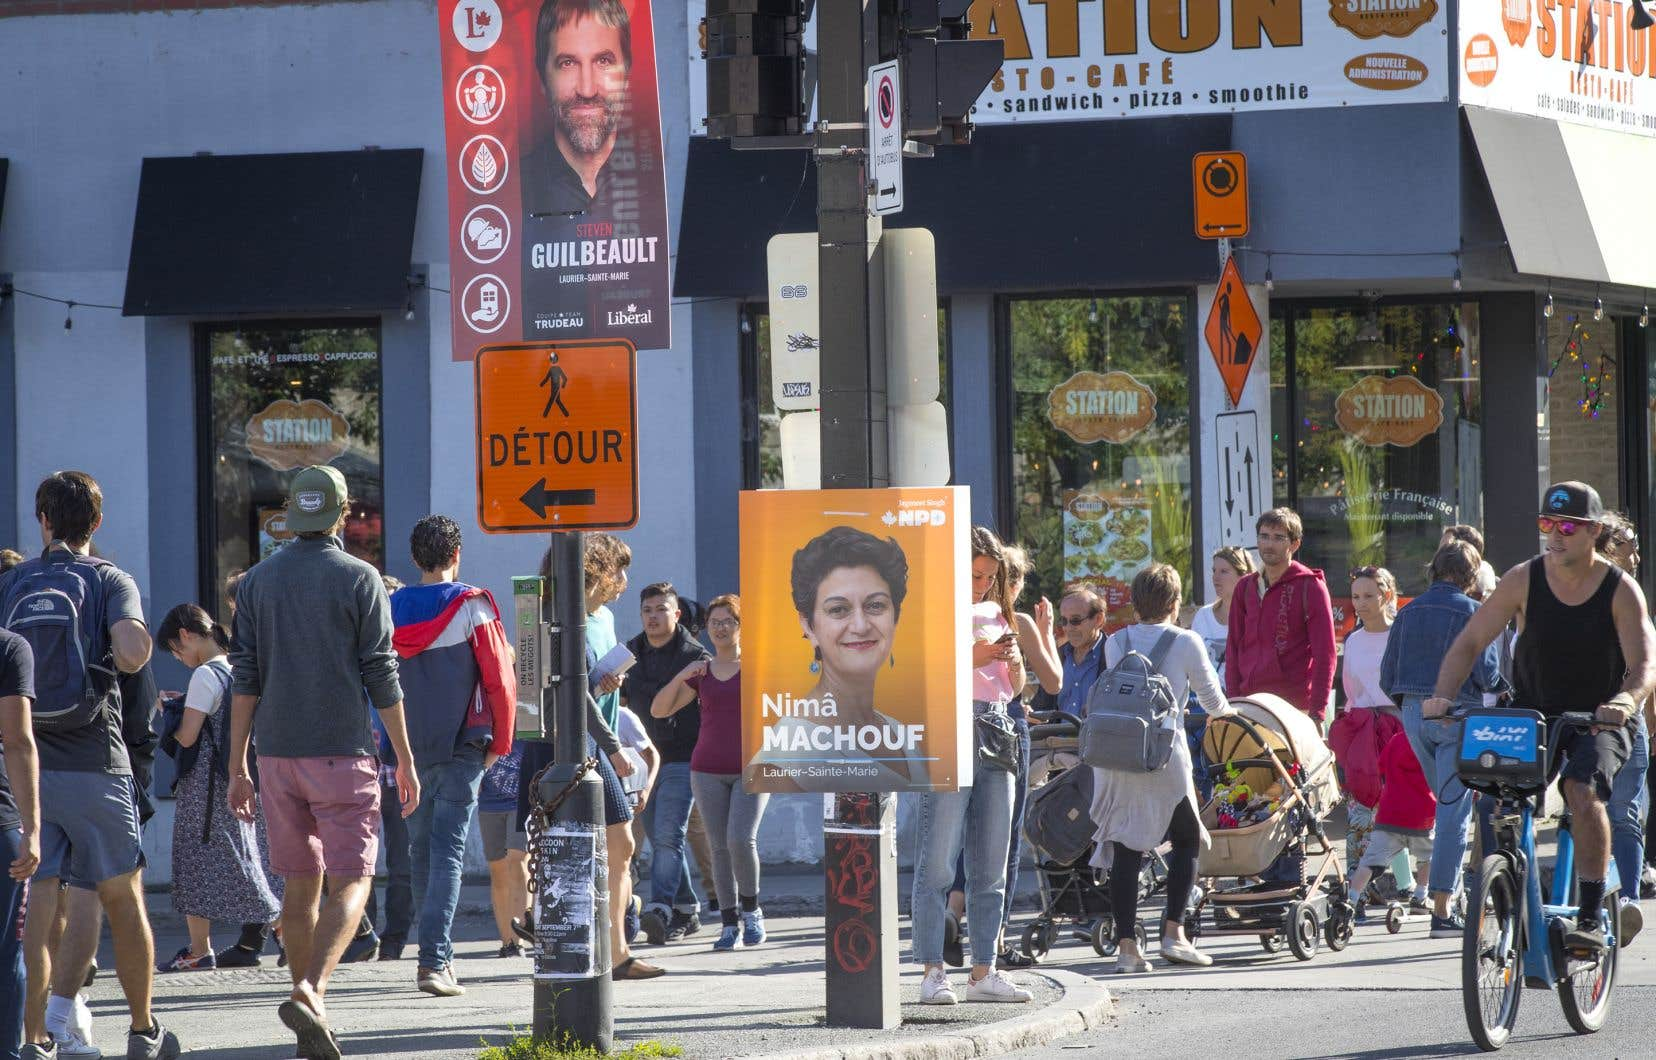 La campagne électorale fédérale a débuté il y a une semaine, il reste donc quatre semaines et demie avant l'élection.